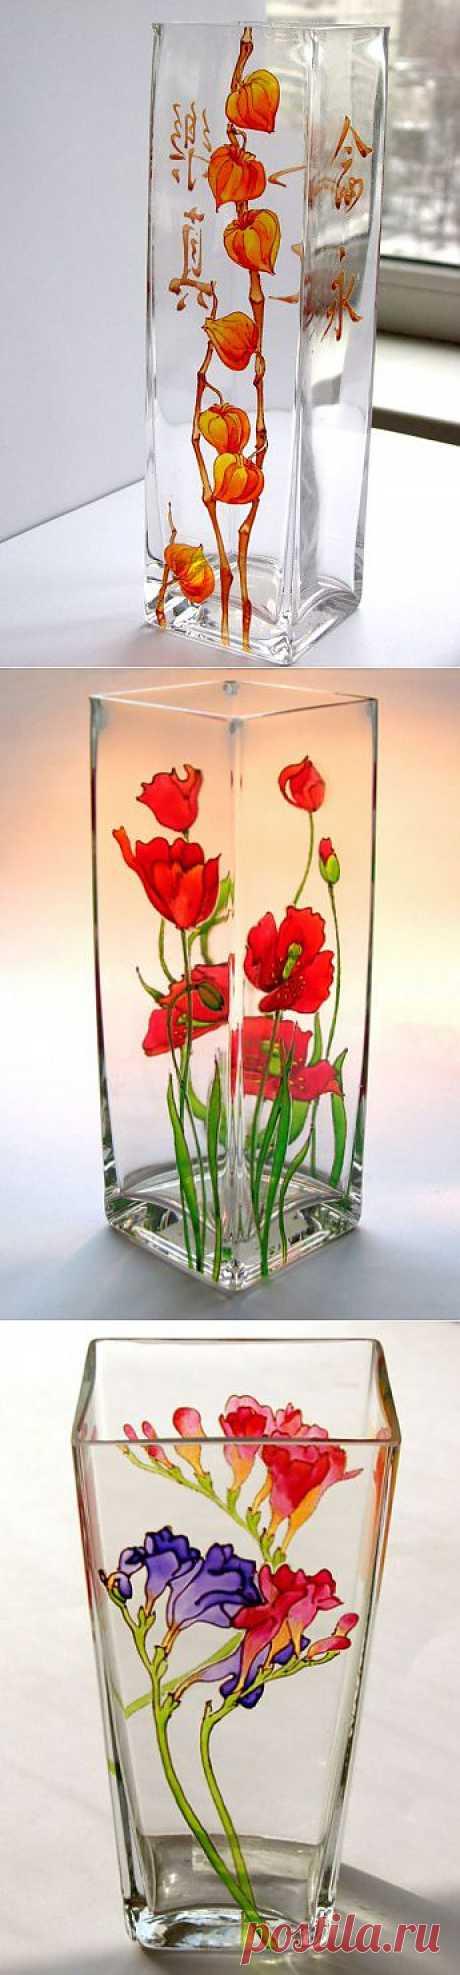 Идеи для росписи ваз.